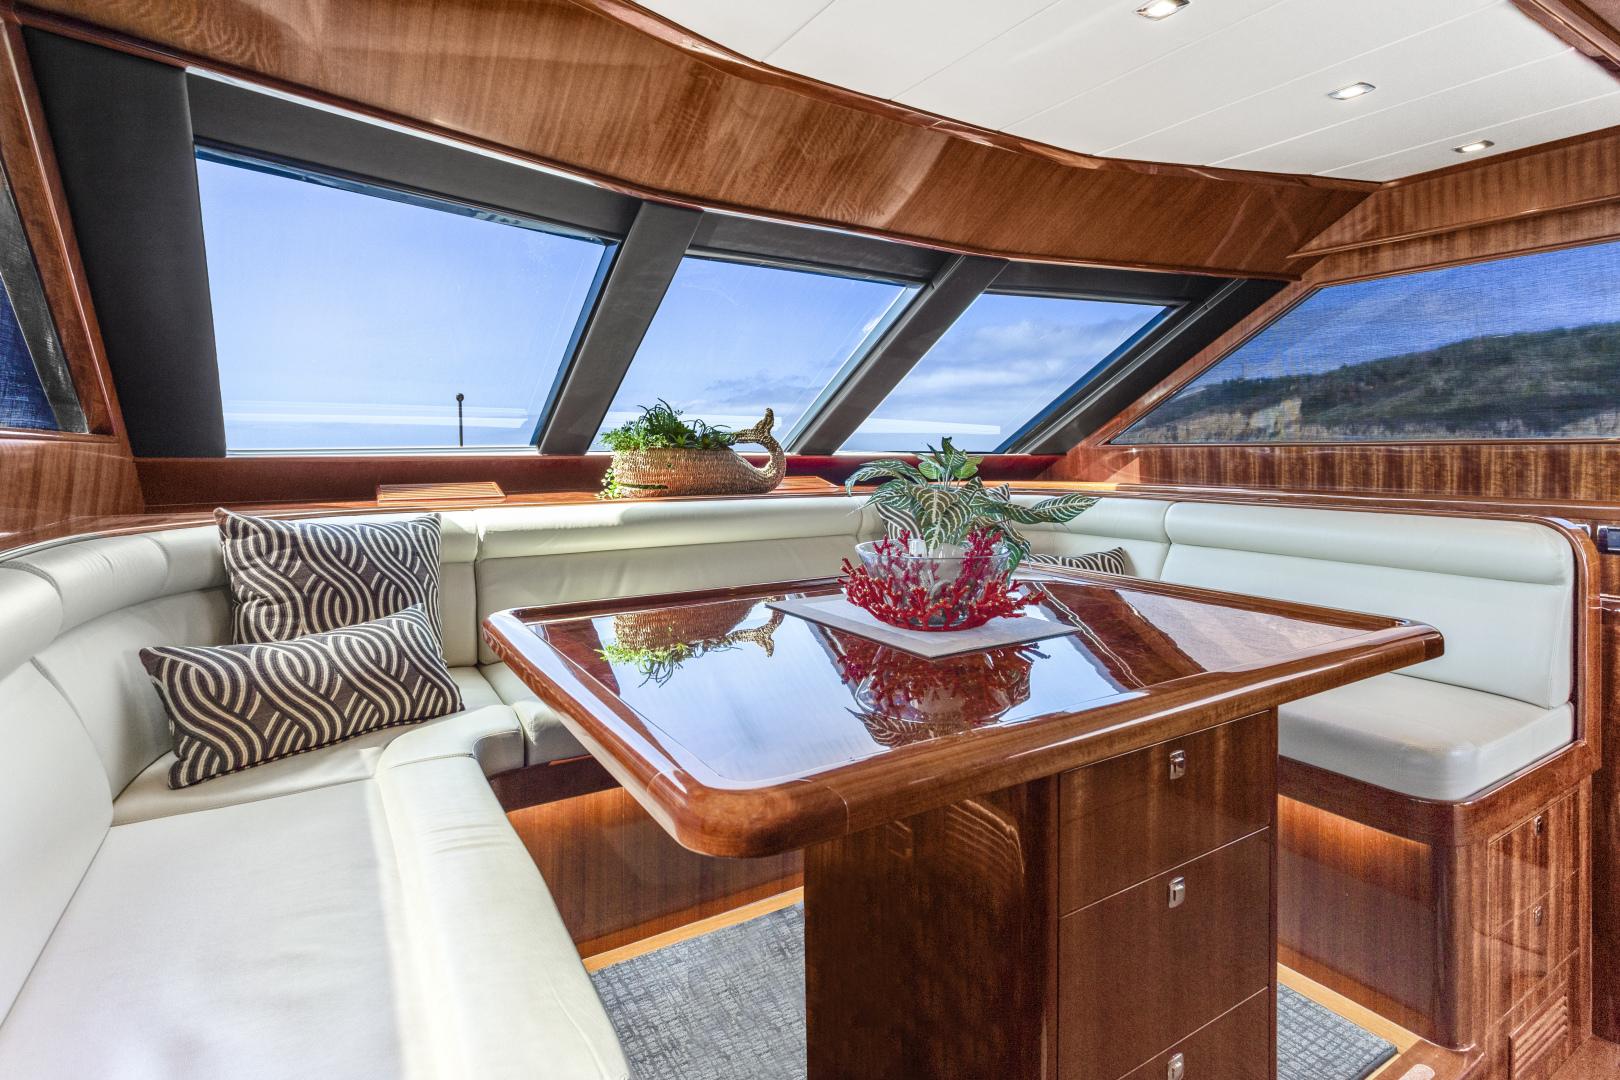 Hampton-76 Skylounge Motoryacht 2014-ODYSEA San Diego-California-United States-DINETTE-1165160 | Thumbnail